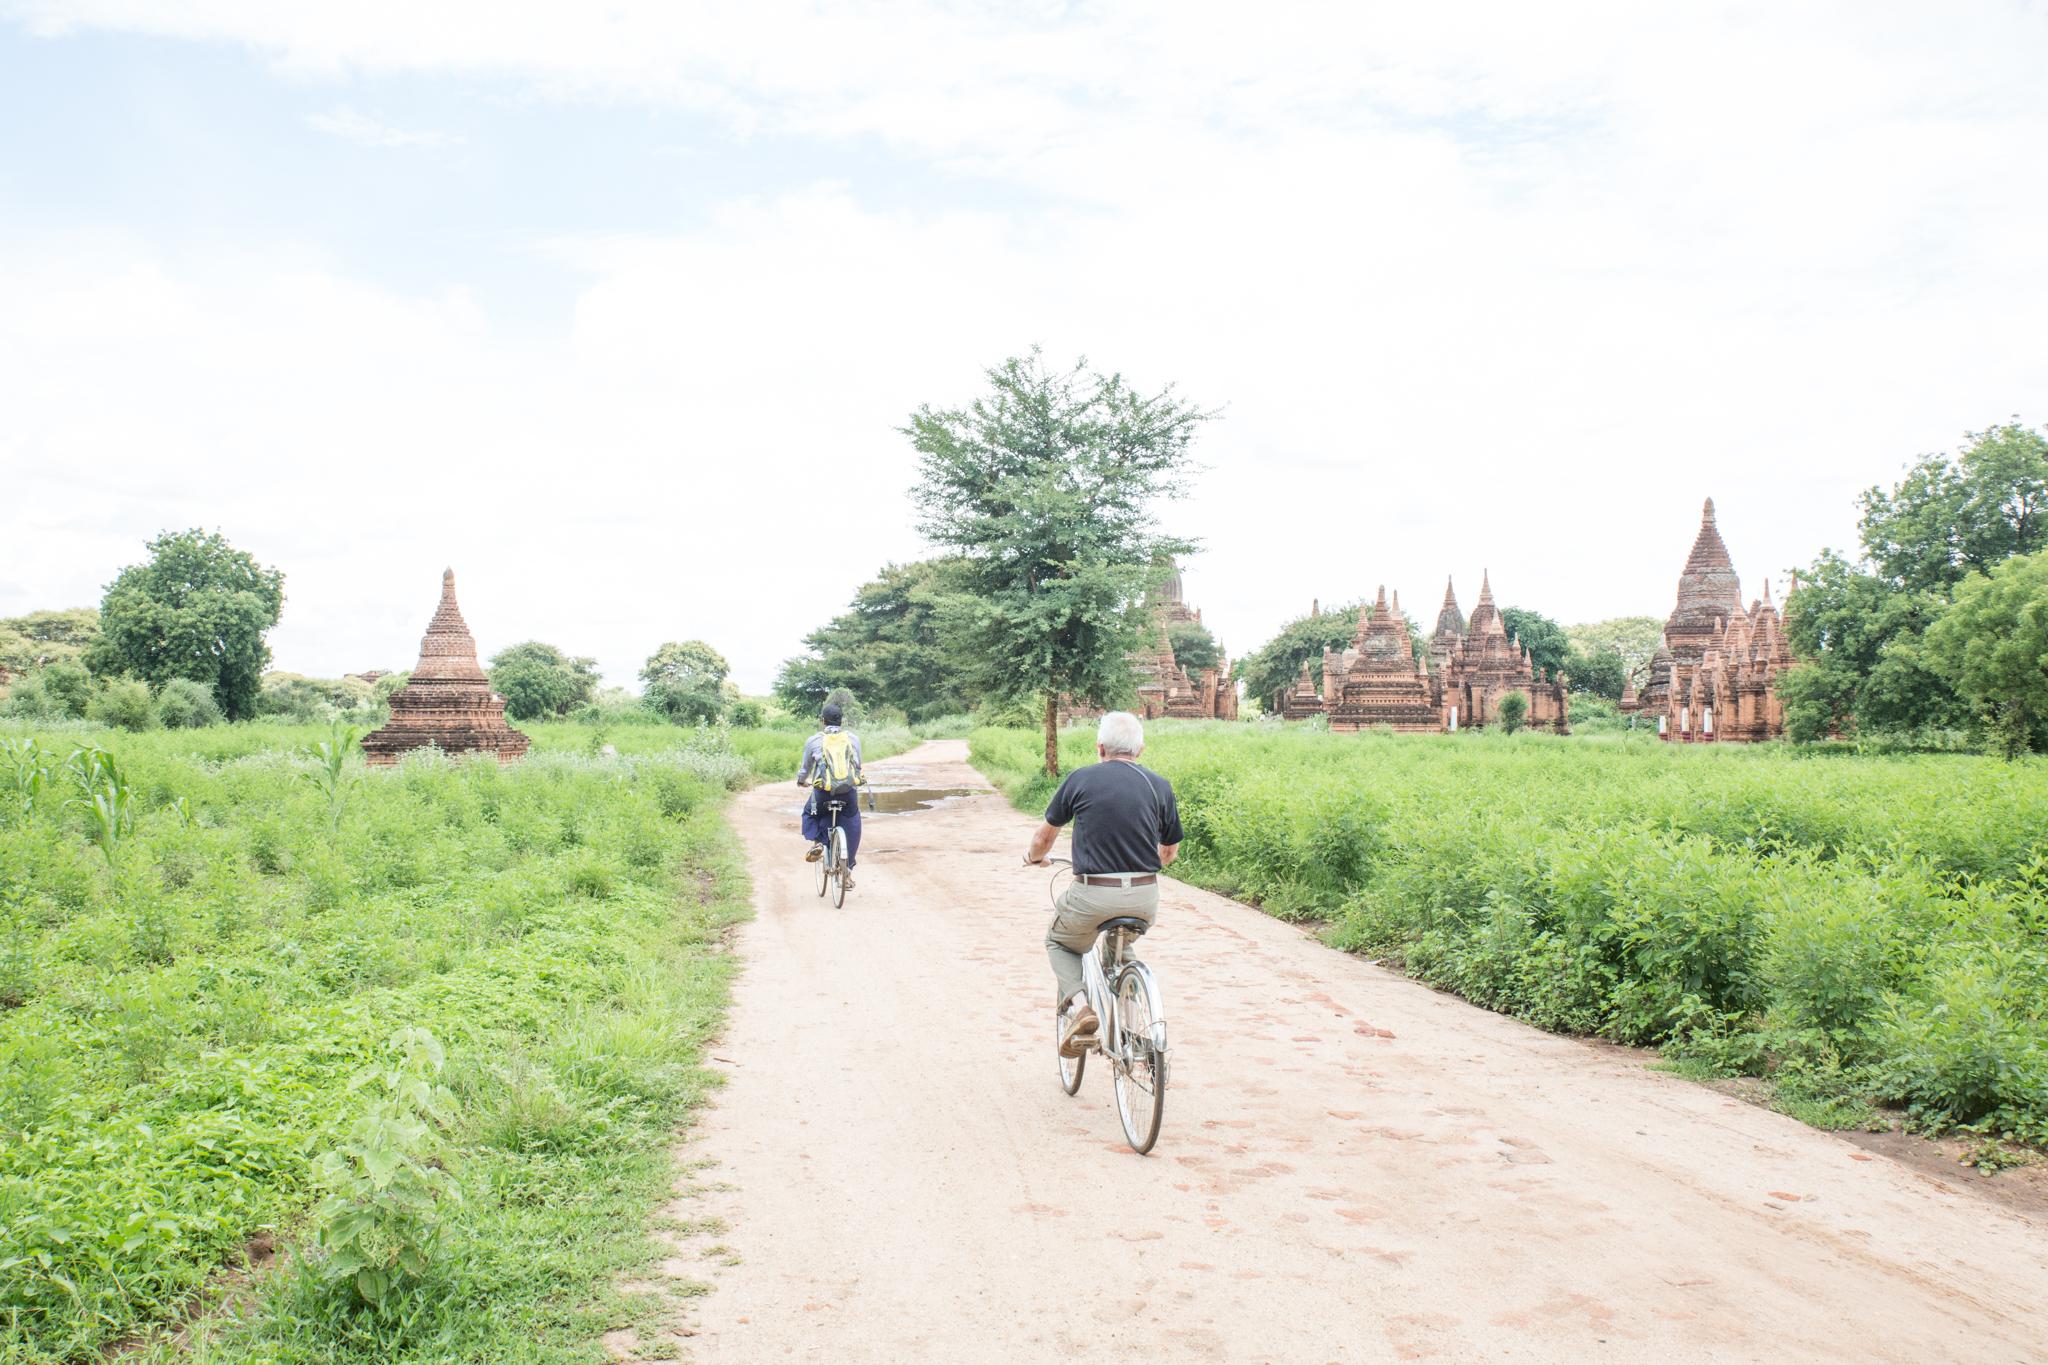 18_Bagan_71A6108